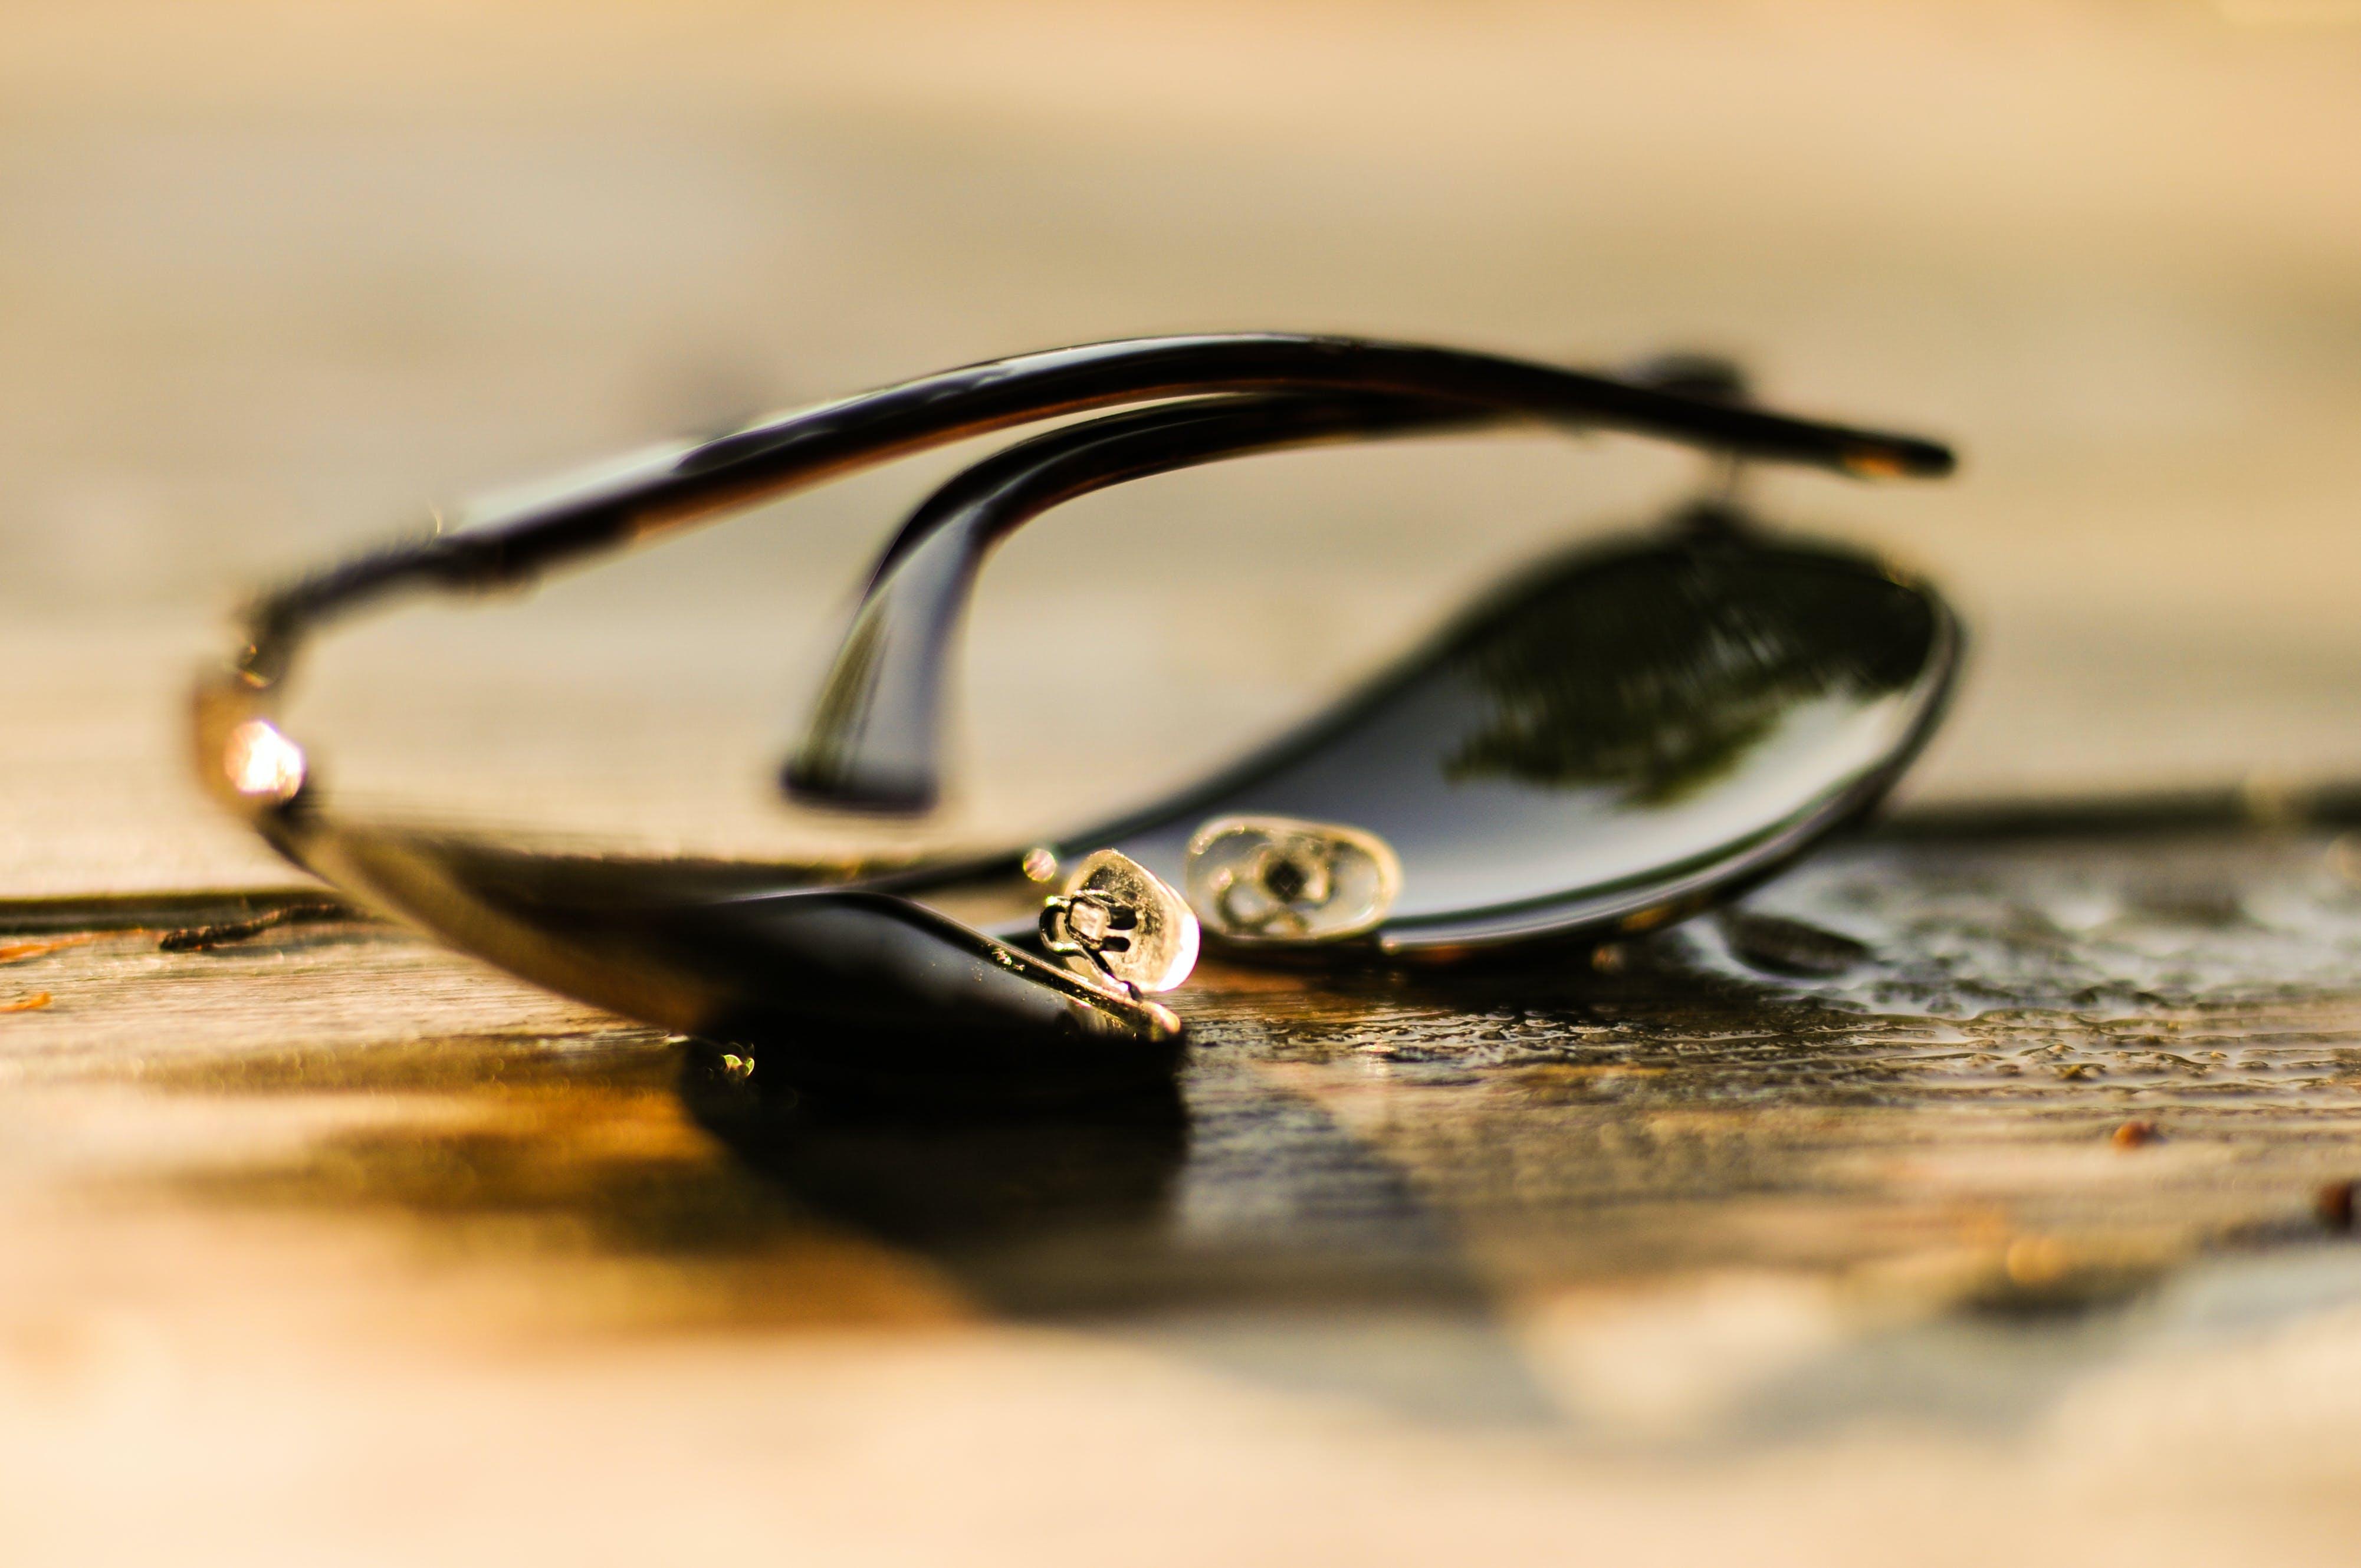 Fotos de stock gratuitas de accesorio, gafas, Gafas de sol, gran apertura